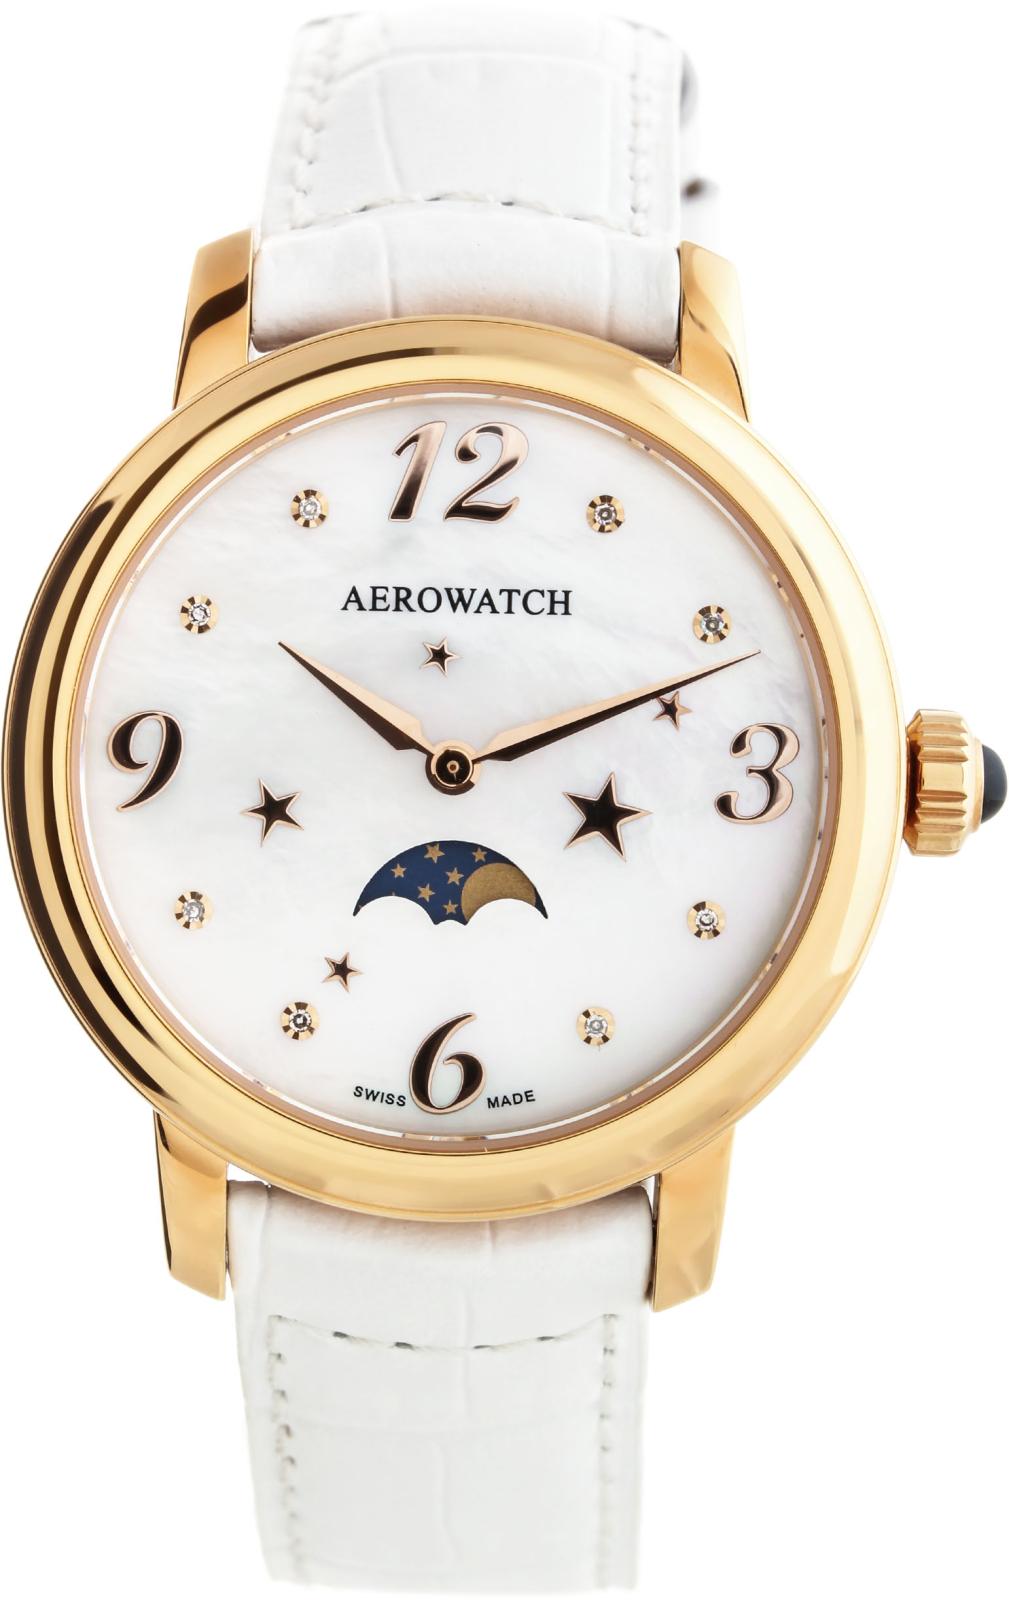 Aerowatch Renaissance 43938 RO09Наручные часы<br>Швейцарские часы Aerowatch Renaissance 43938 RO09<br><br>Пол: Женские<br>Страна-производитель: Швейцария<br>Механизм: Кварцевый<br>Материал корпуса: Сталь<br>Материал ремня/браслета: Кожа<br>Водозащита, диапазон: 20 - 100 м<br>Стекло: Сапфировое<br>Толщина корпуса: 7 мм<br>Стиль: Классика